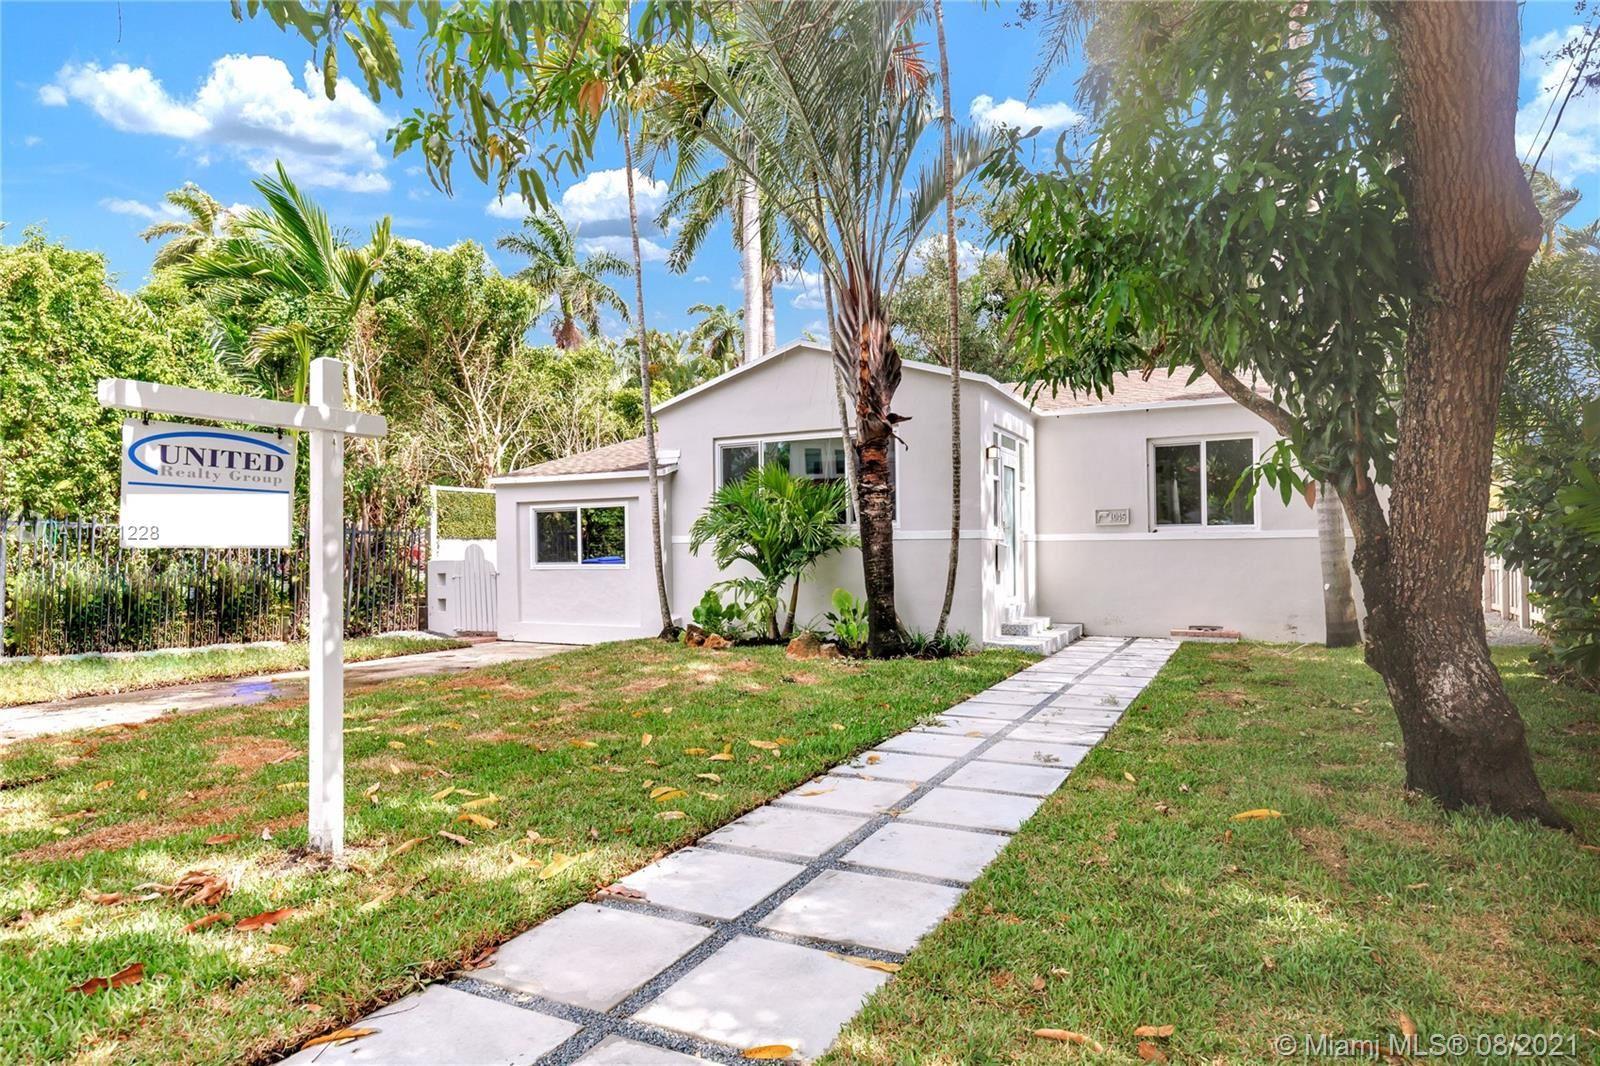 1045 NE 84th St, Miami, FL 33138 - #: A11071228